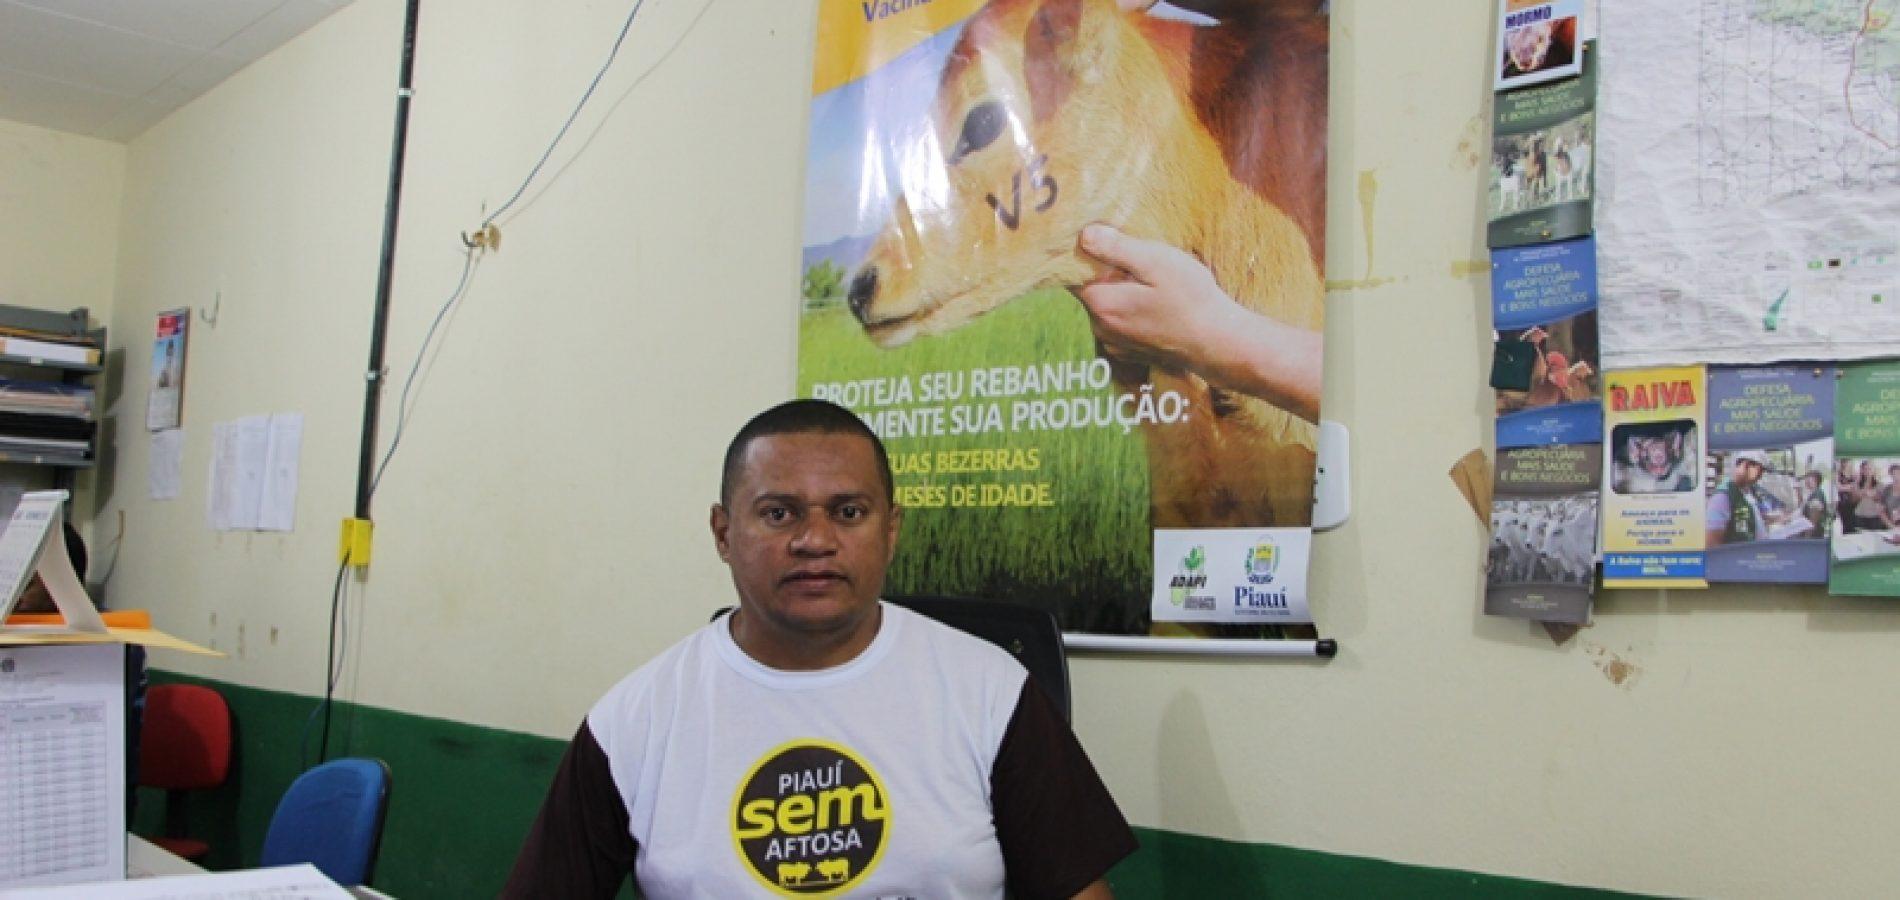 ADAPI de Jaicós alerta sobre novos focos positivos para peste suína clássica no Piauí